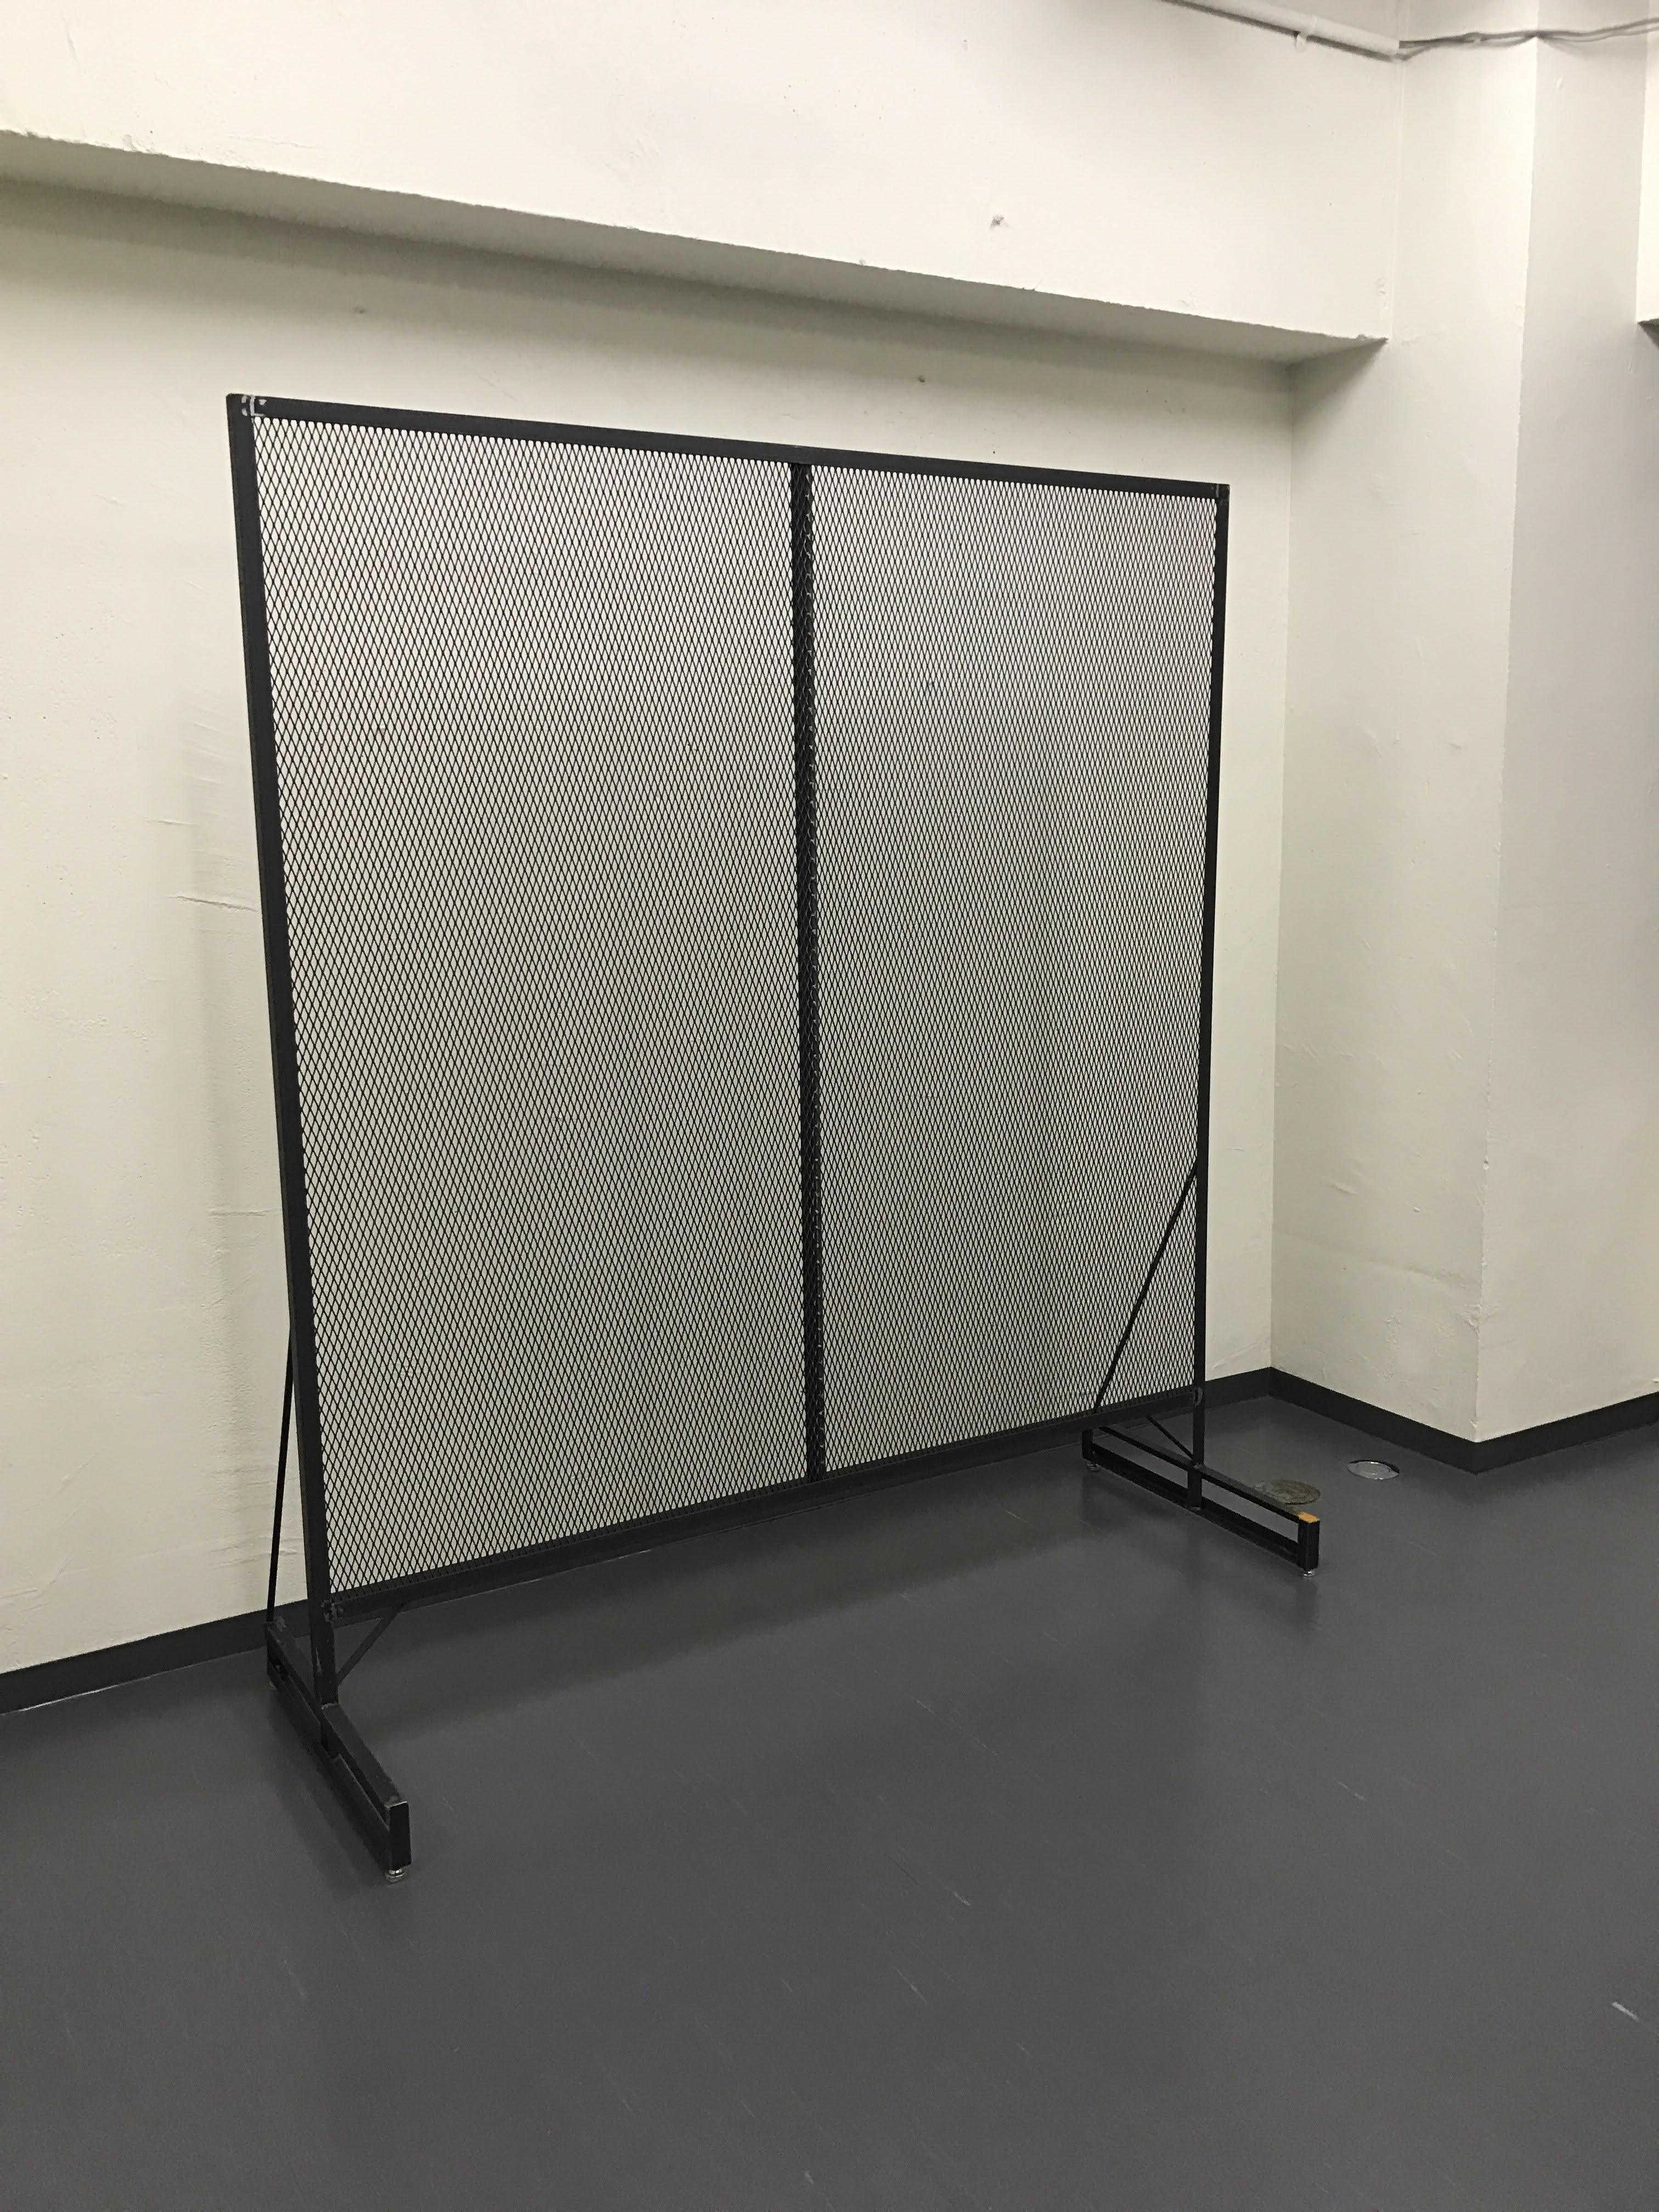 ARITEI Furniture パーテーション 幅900mm×奥行700mm×高さ2100mm